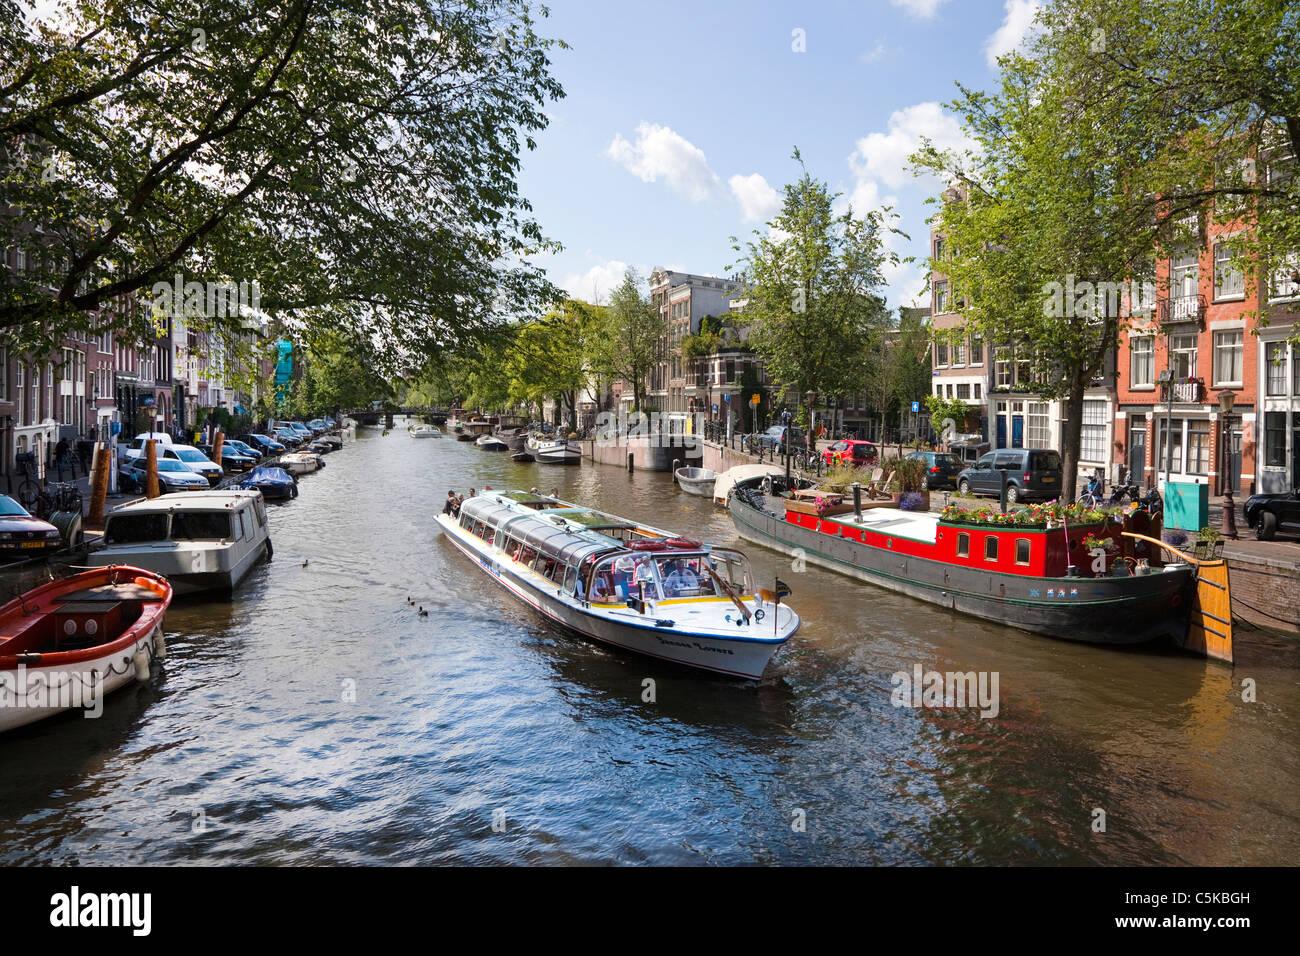 Canal touristique bateau naviguant le long d'un canal à Amsterdam, Pays-Bas Photo Stock